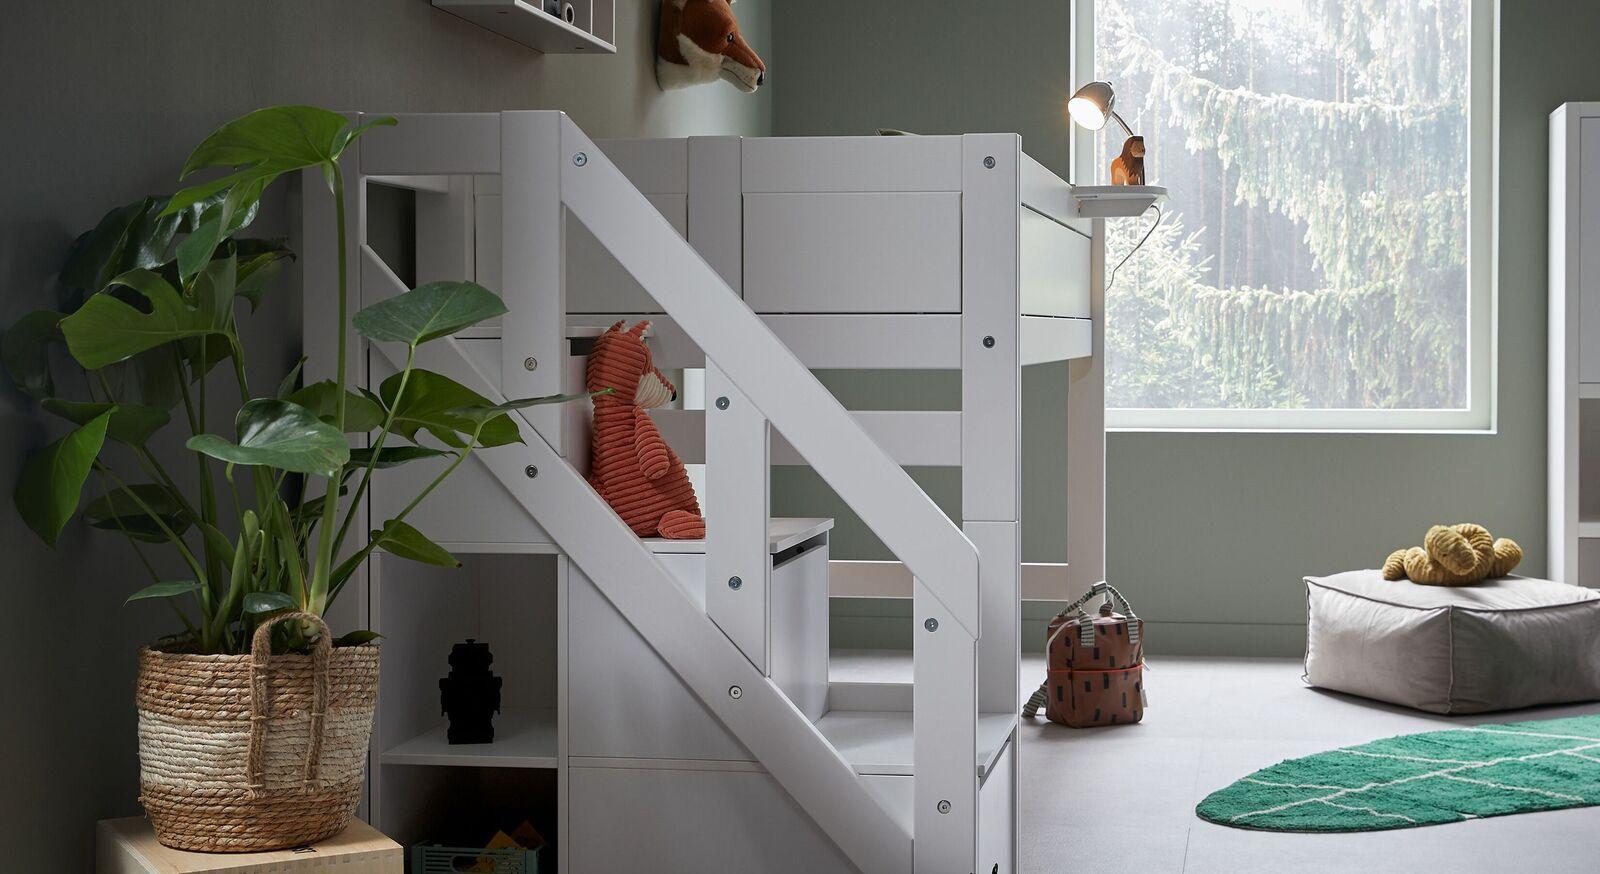 LIFETIME Midi-Hochbett Original mit Treppenmodul und sicherem Geländer